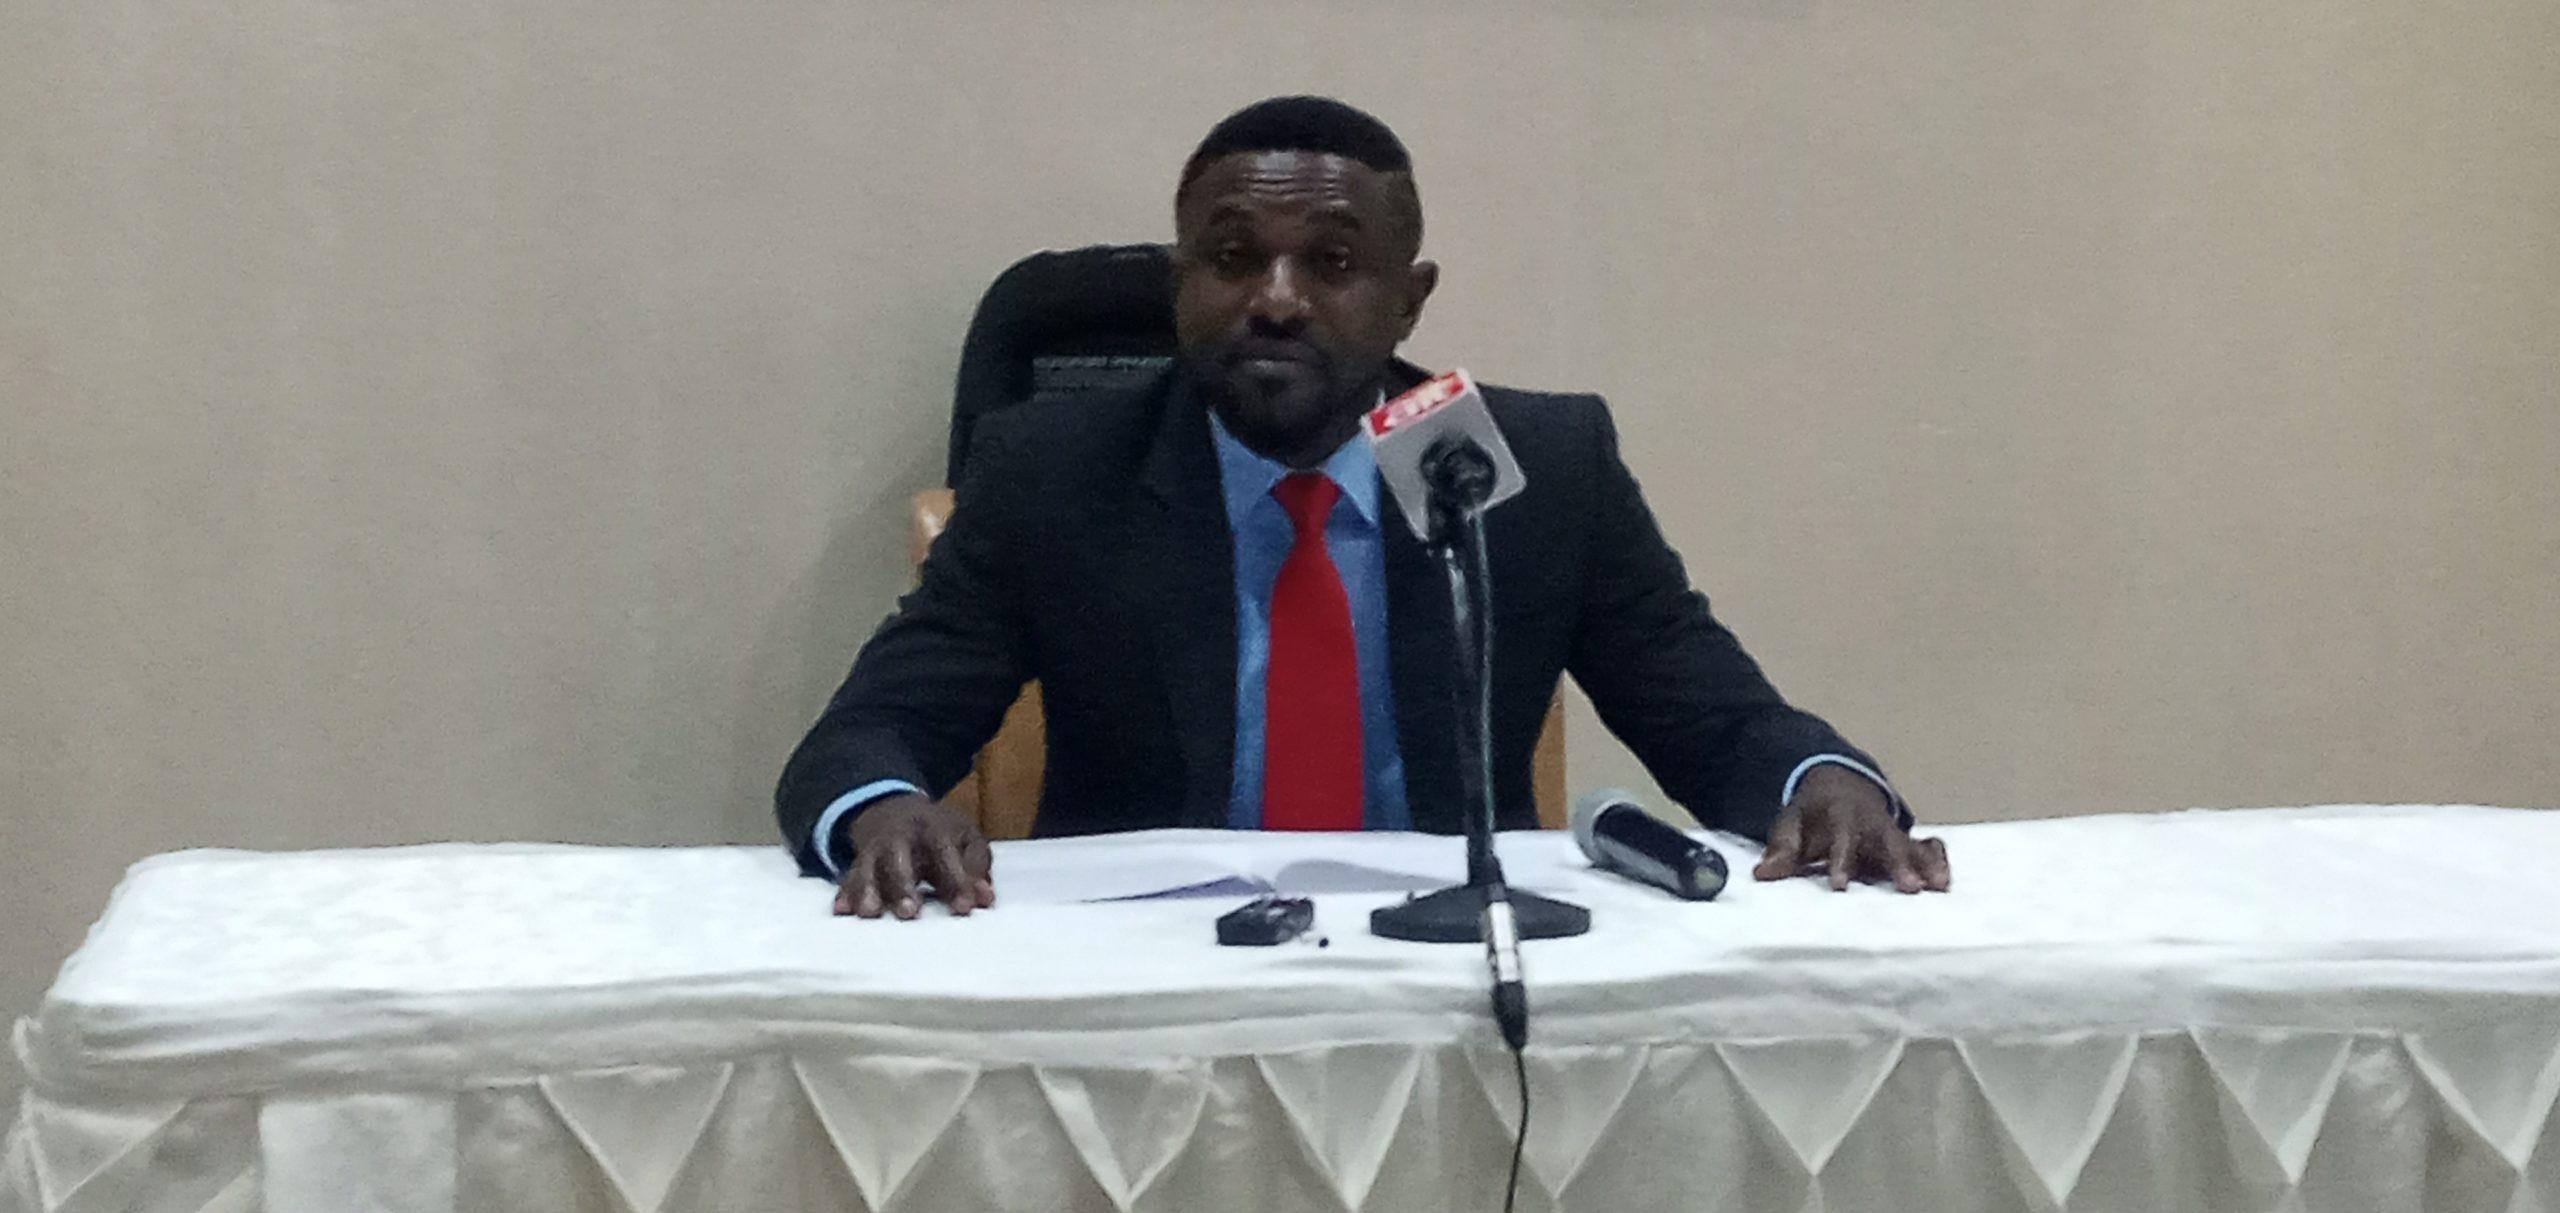 #EndSARS: Man, 38, bids for Nigeria's presidency